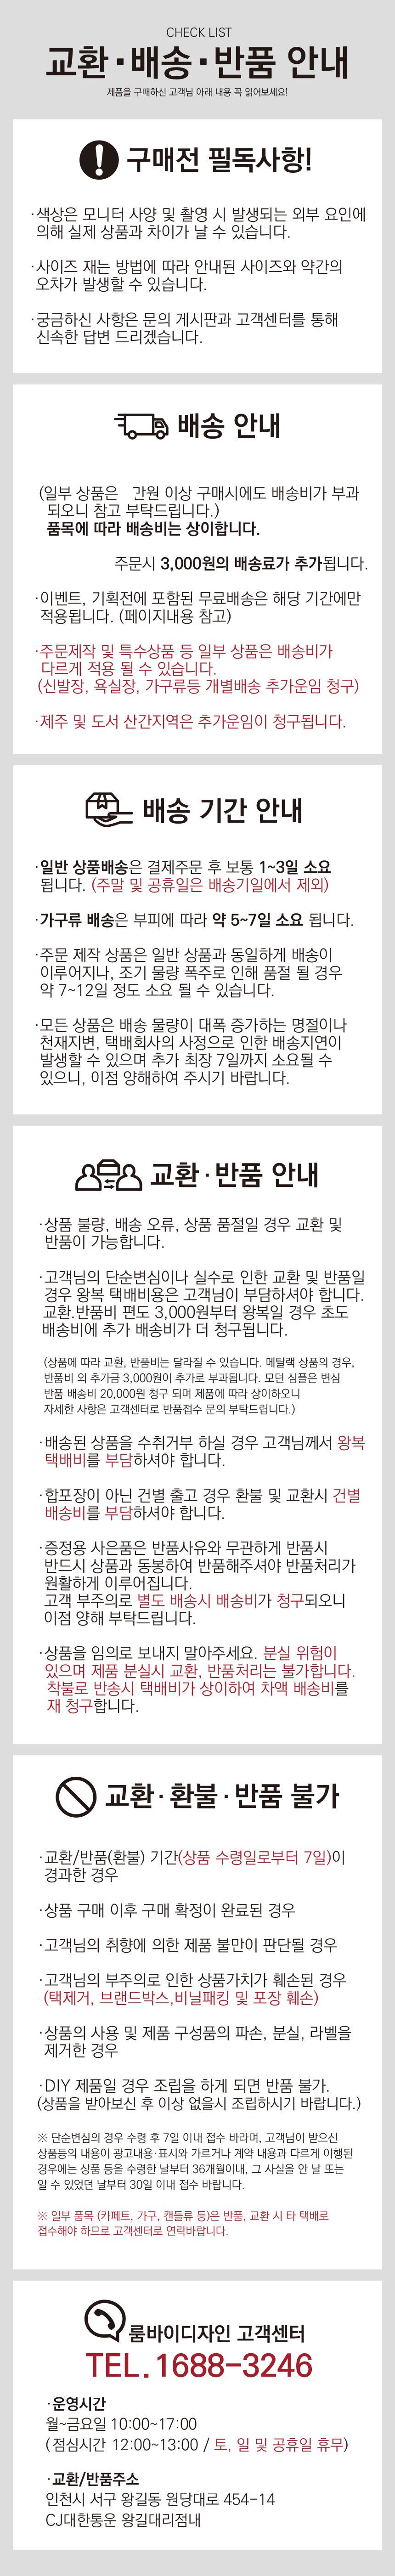 룸바이디자인_배송정보-최종.jpg